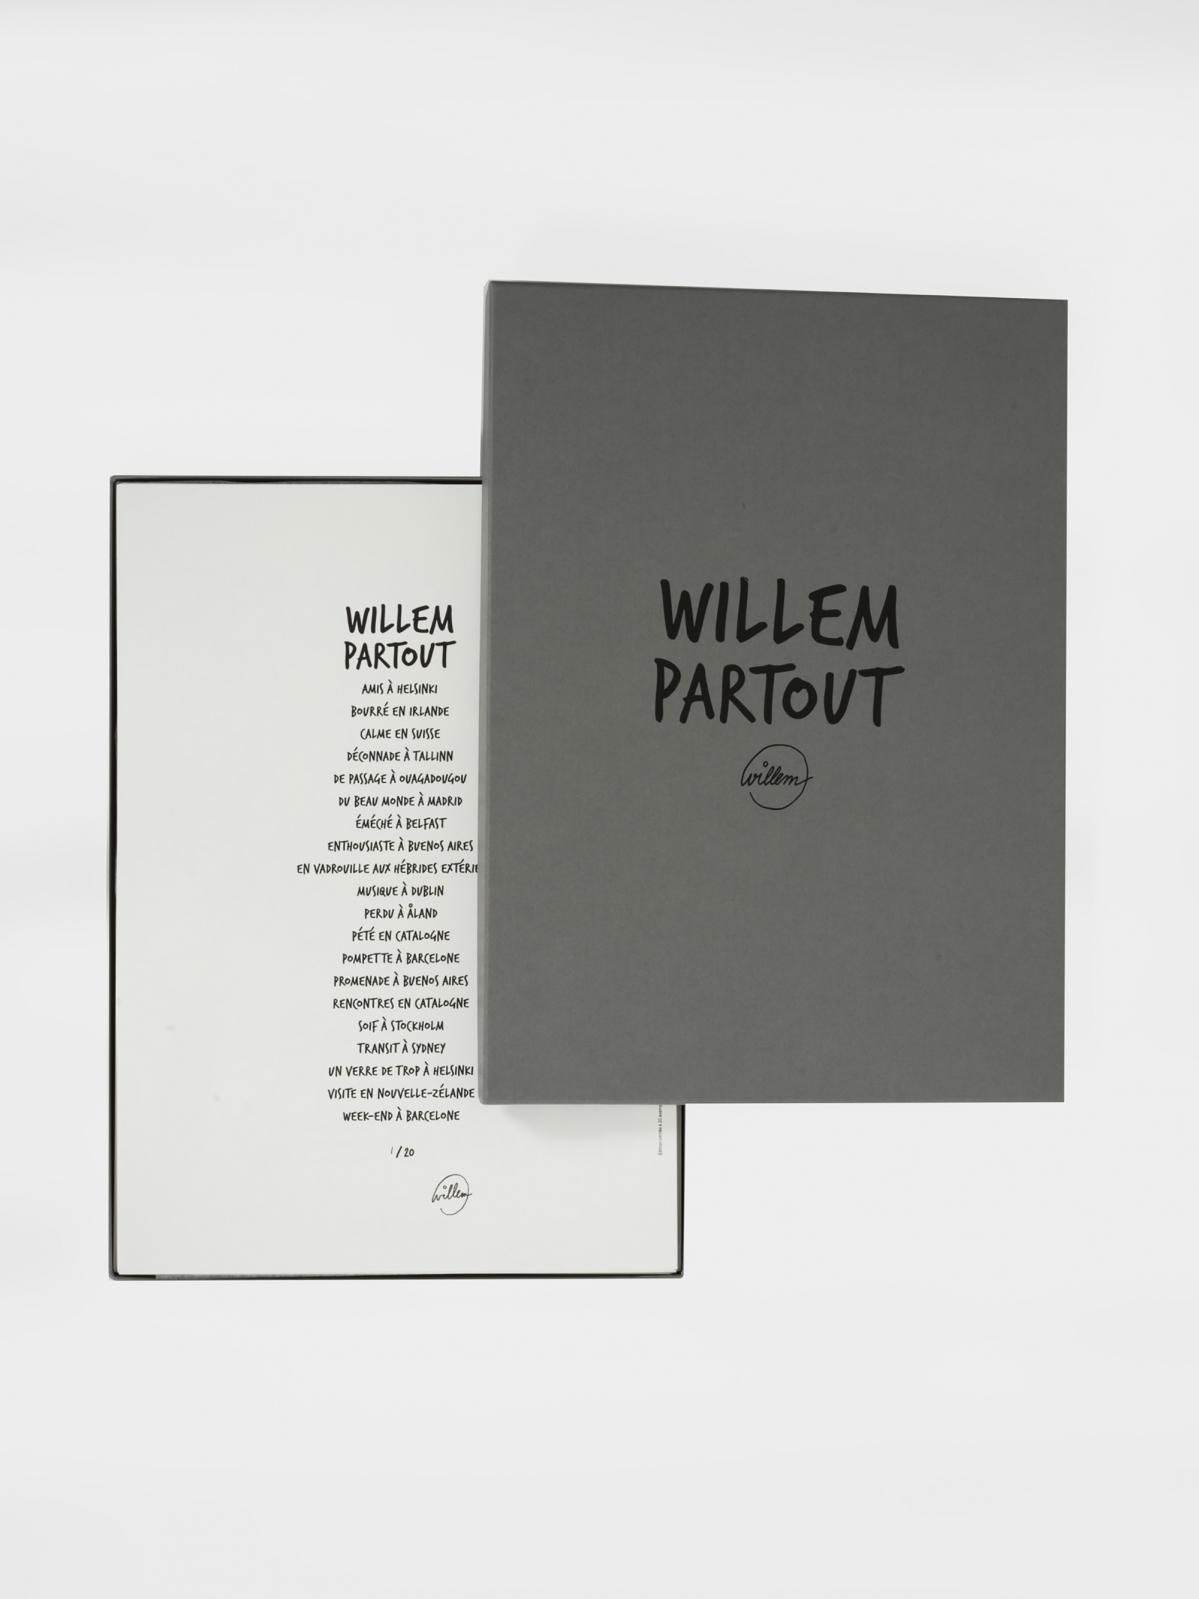 Willem partout